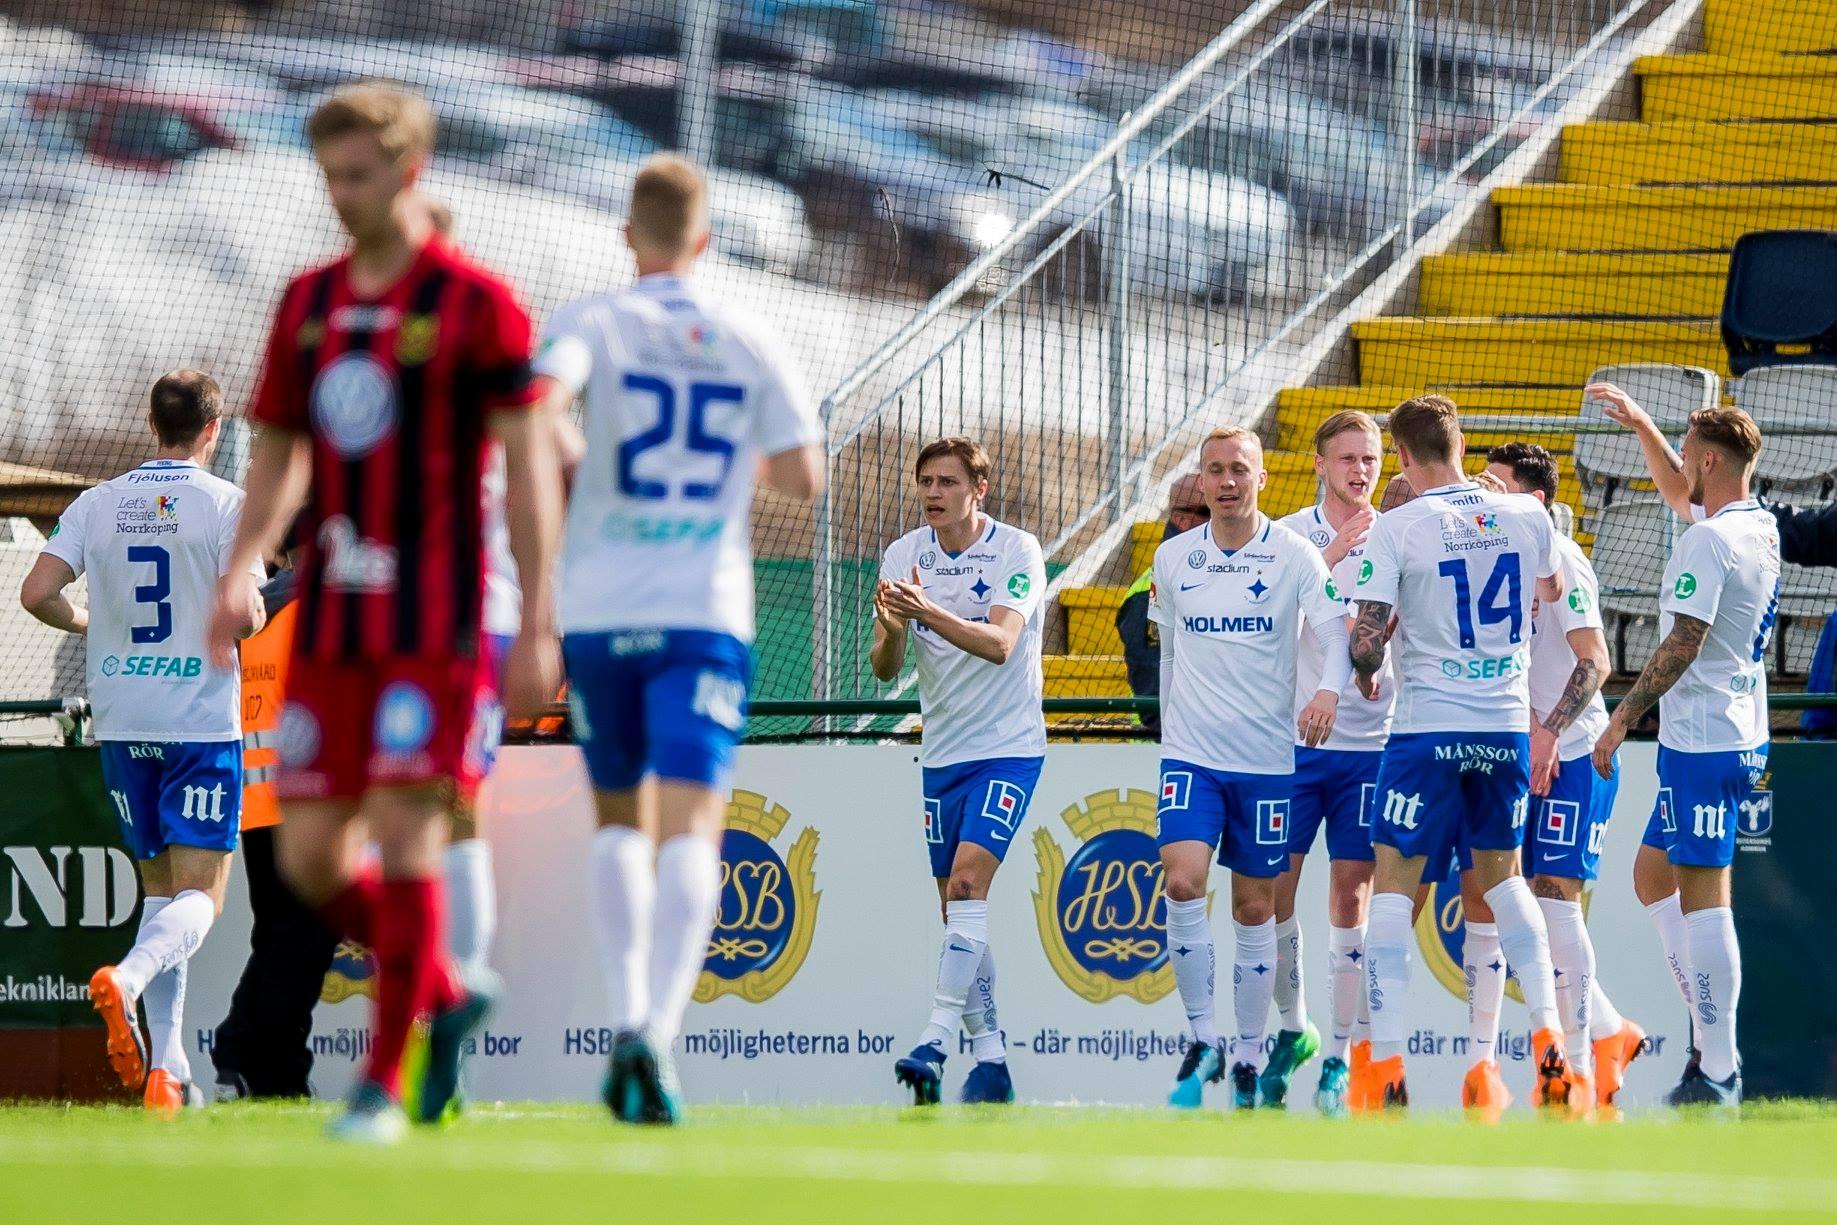 Allsvenskan mercoledì 31 ottobre. In Svezia 28ma giornata dell'Allsvenskan, il massimo torneo, con AIK Stoccolma primo a quota 59, +3 sul Norrkoping